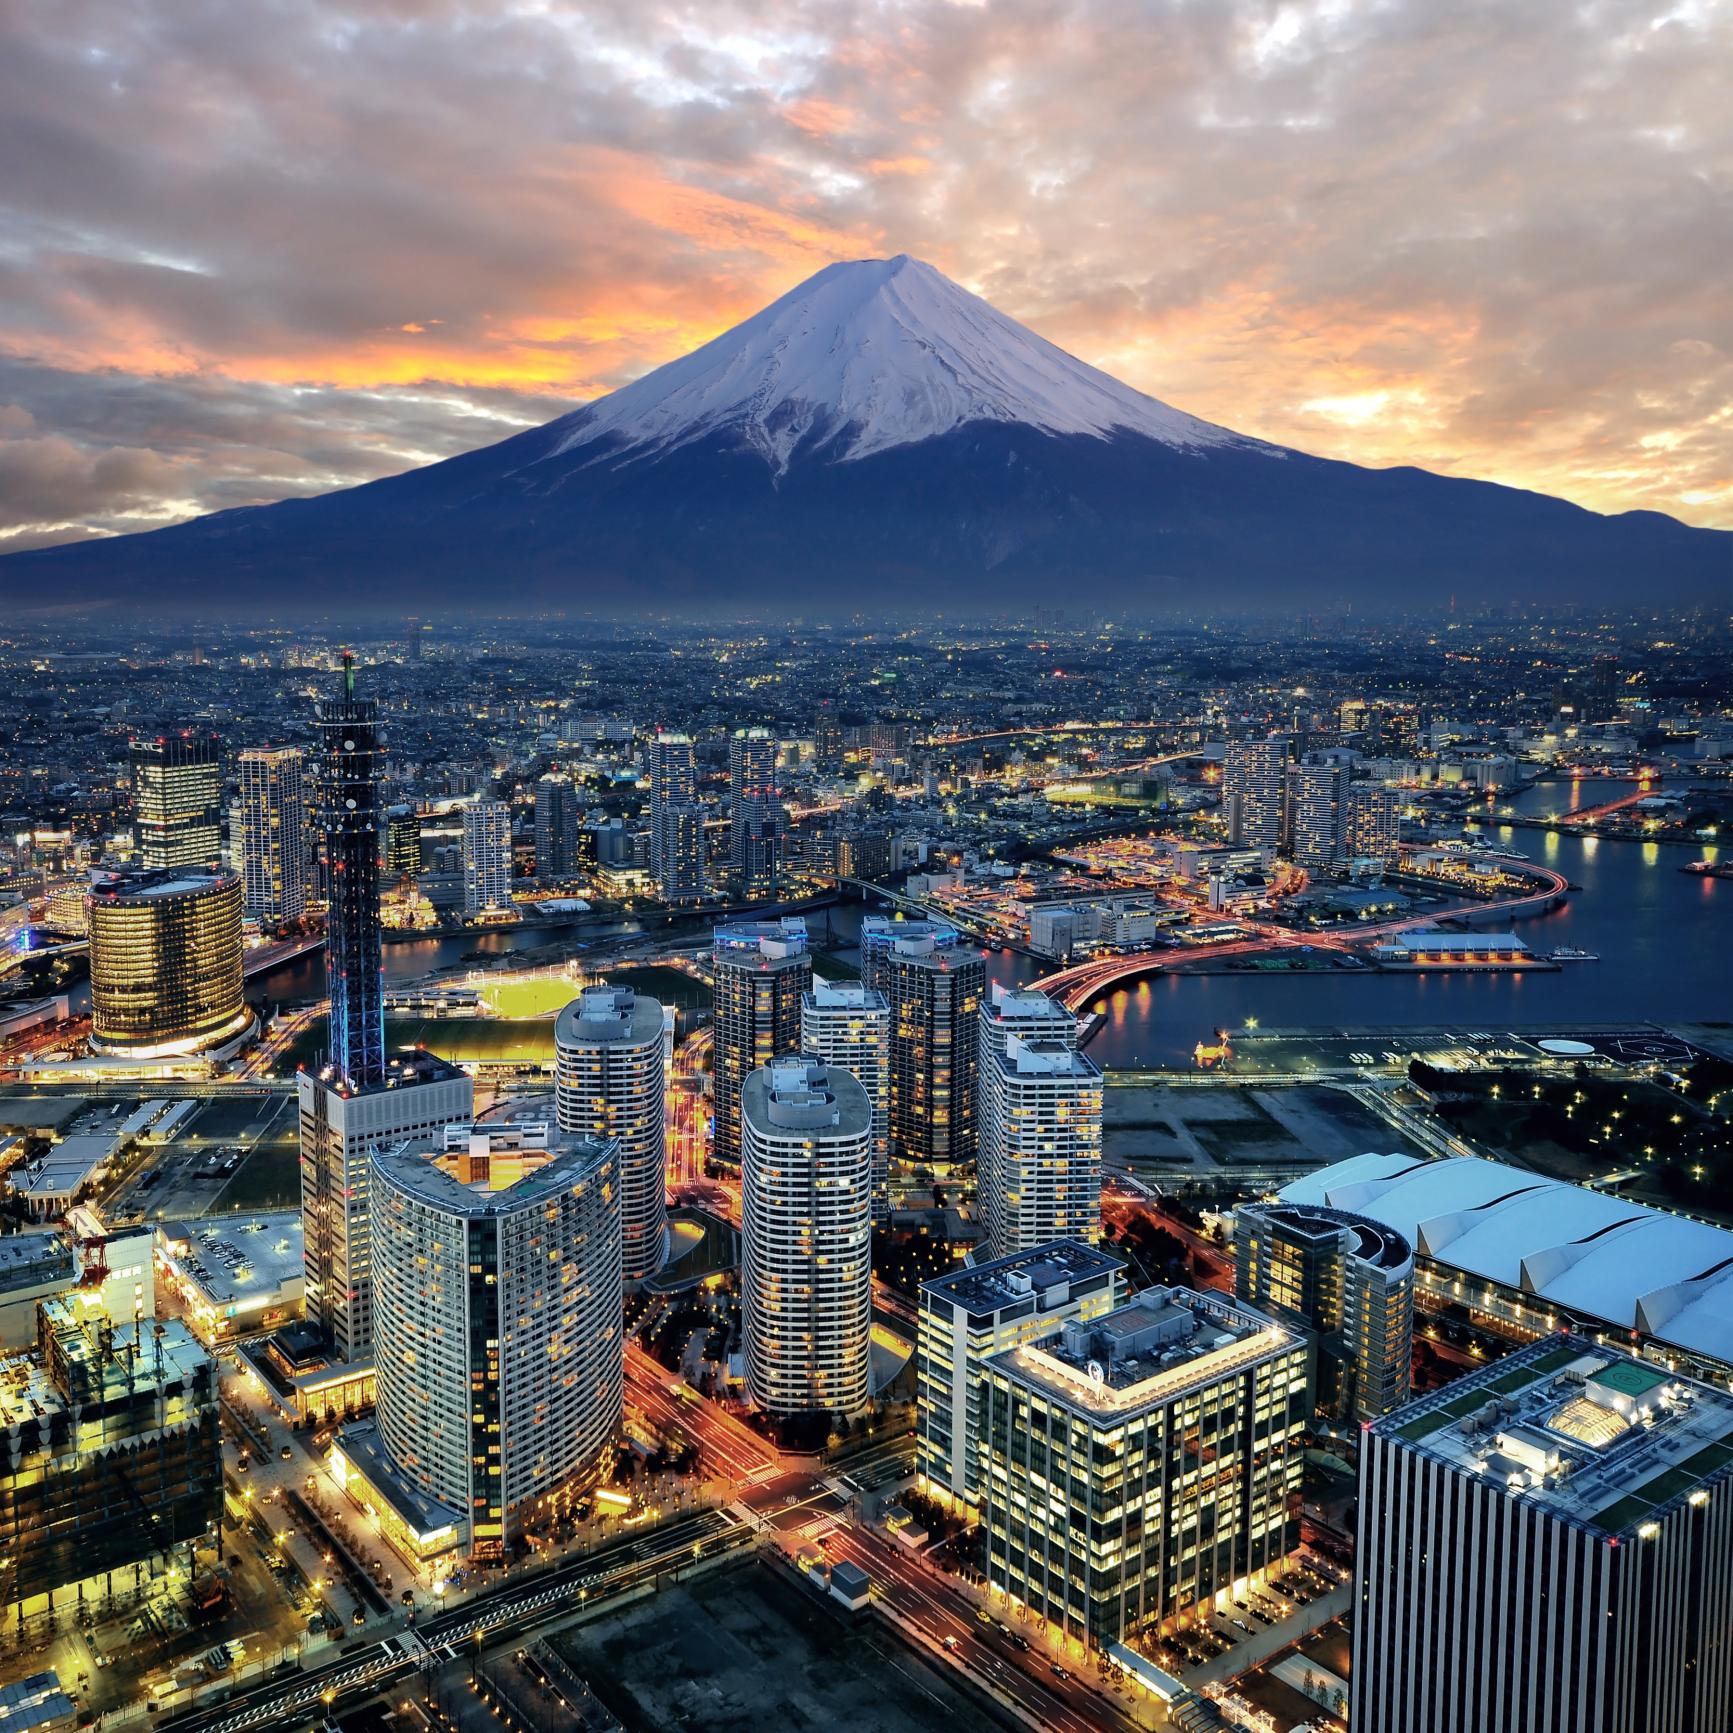 Cidade de Tóquio e Monte Fuji, no Japão